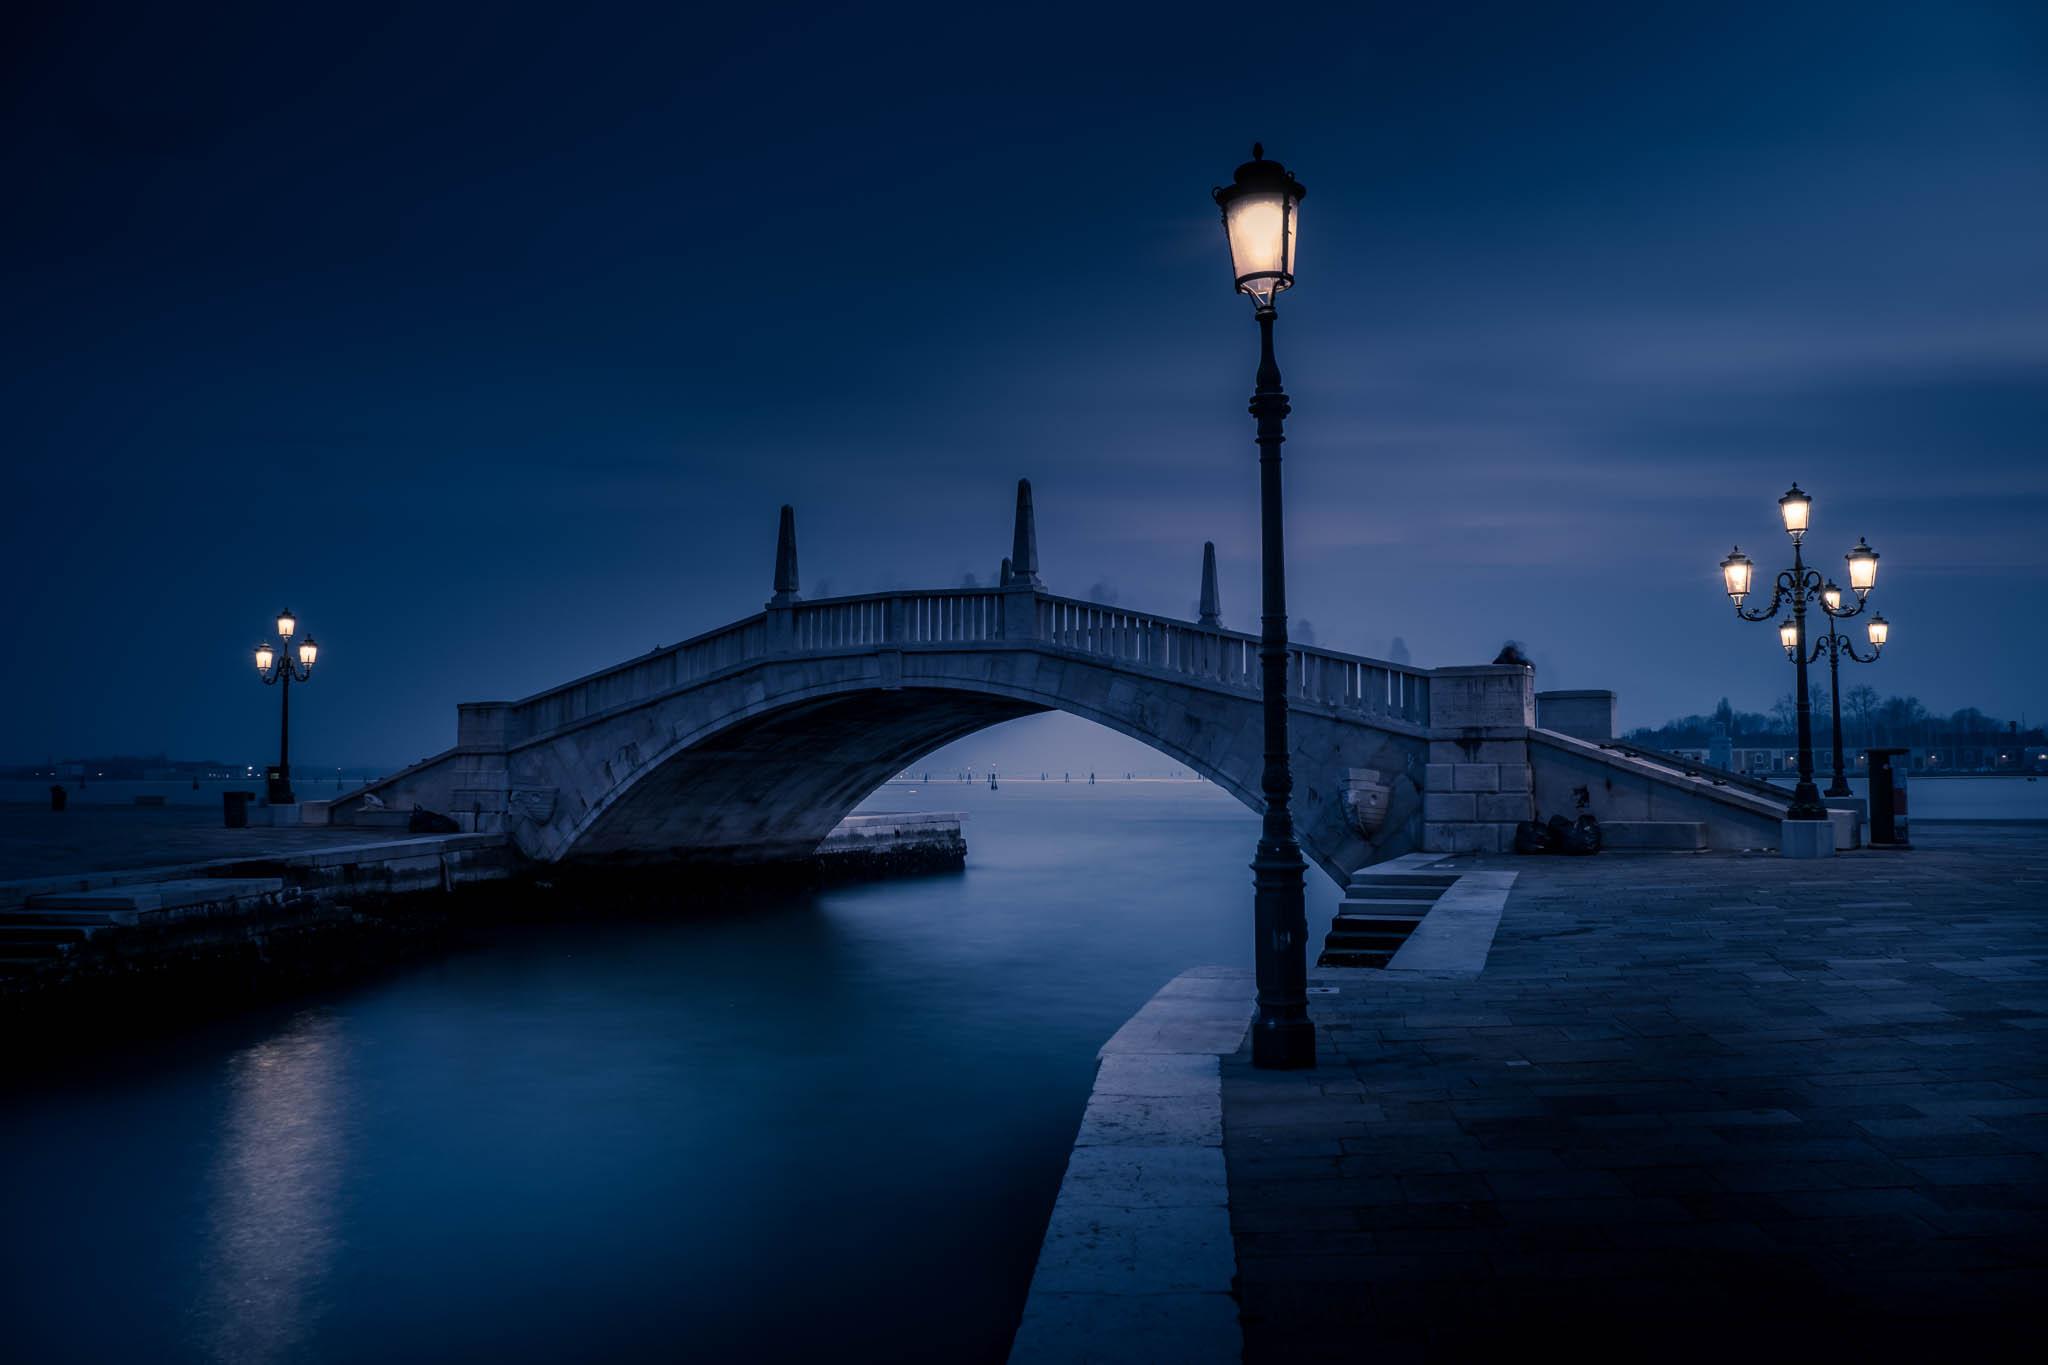 1. Platz Wettbewerb Nachtfotografie: Birgit Rilk